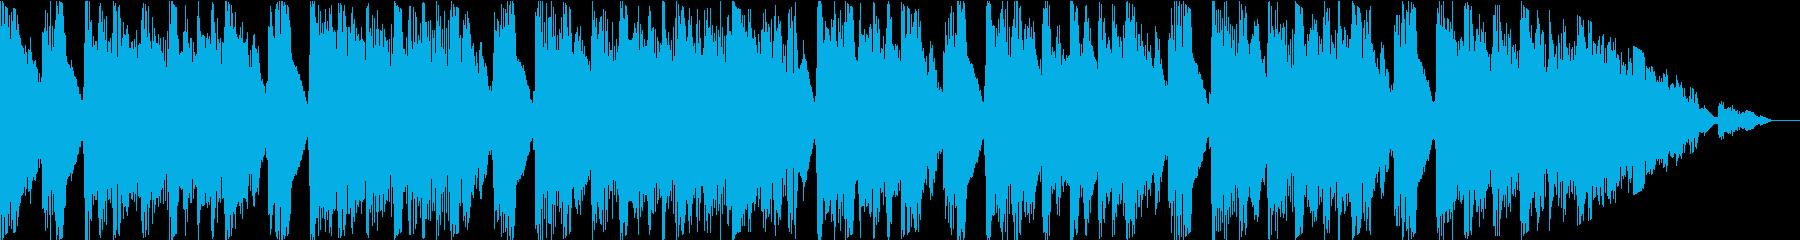 ピアノとストリングス主体の爽やかポップスの再生済みの波形